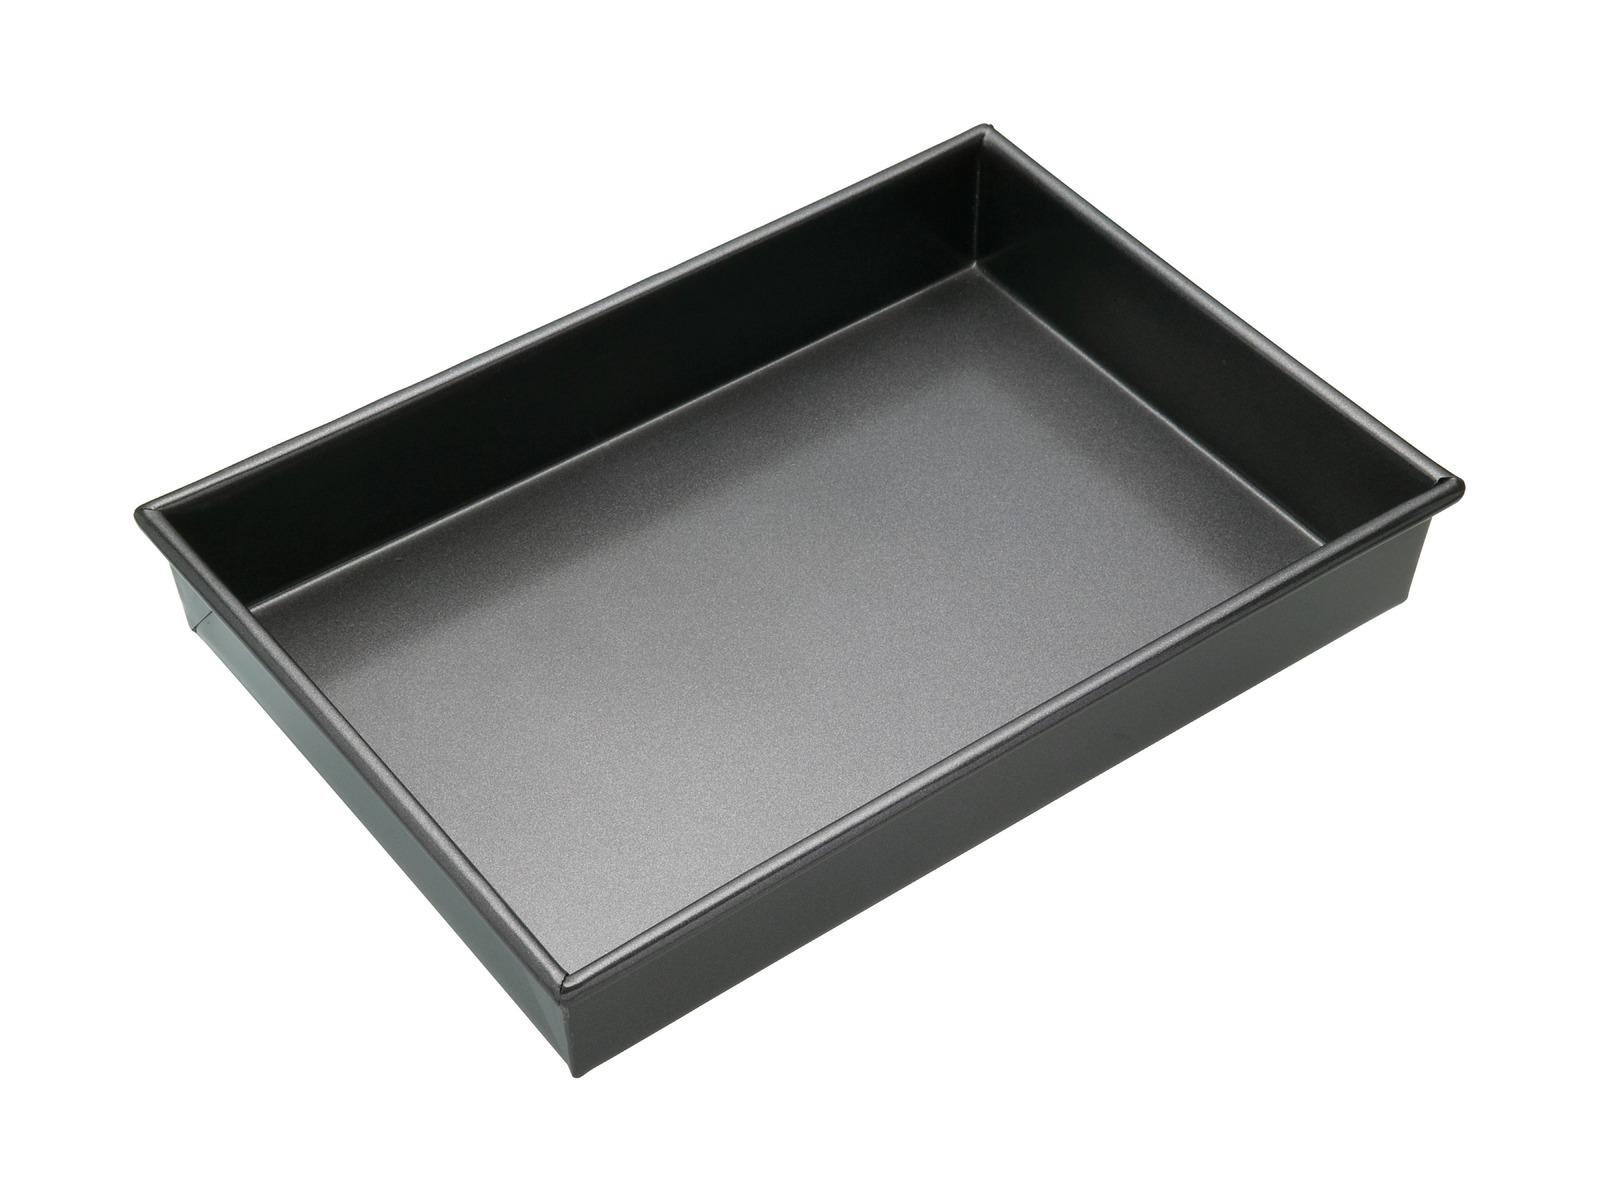 MasterClass: Non-Stick Rectangular Deep Cake Pan (35x24cm) image